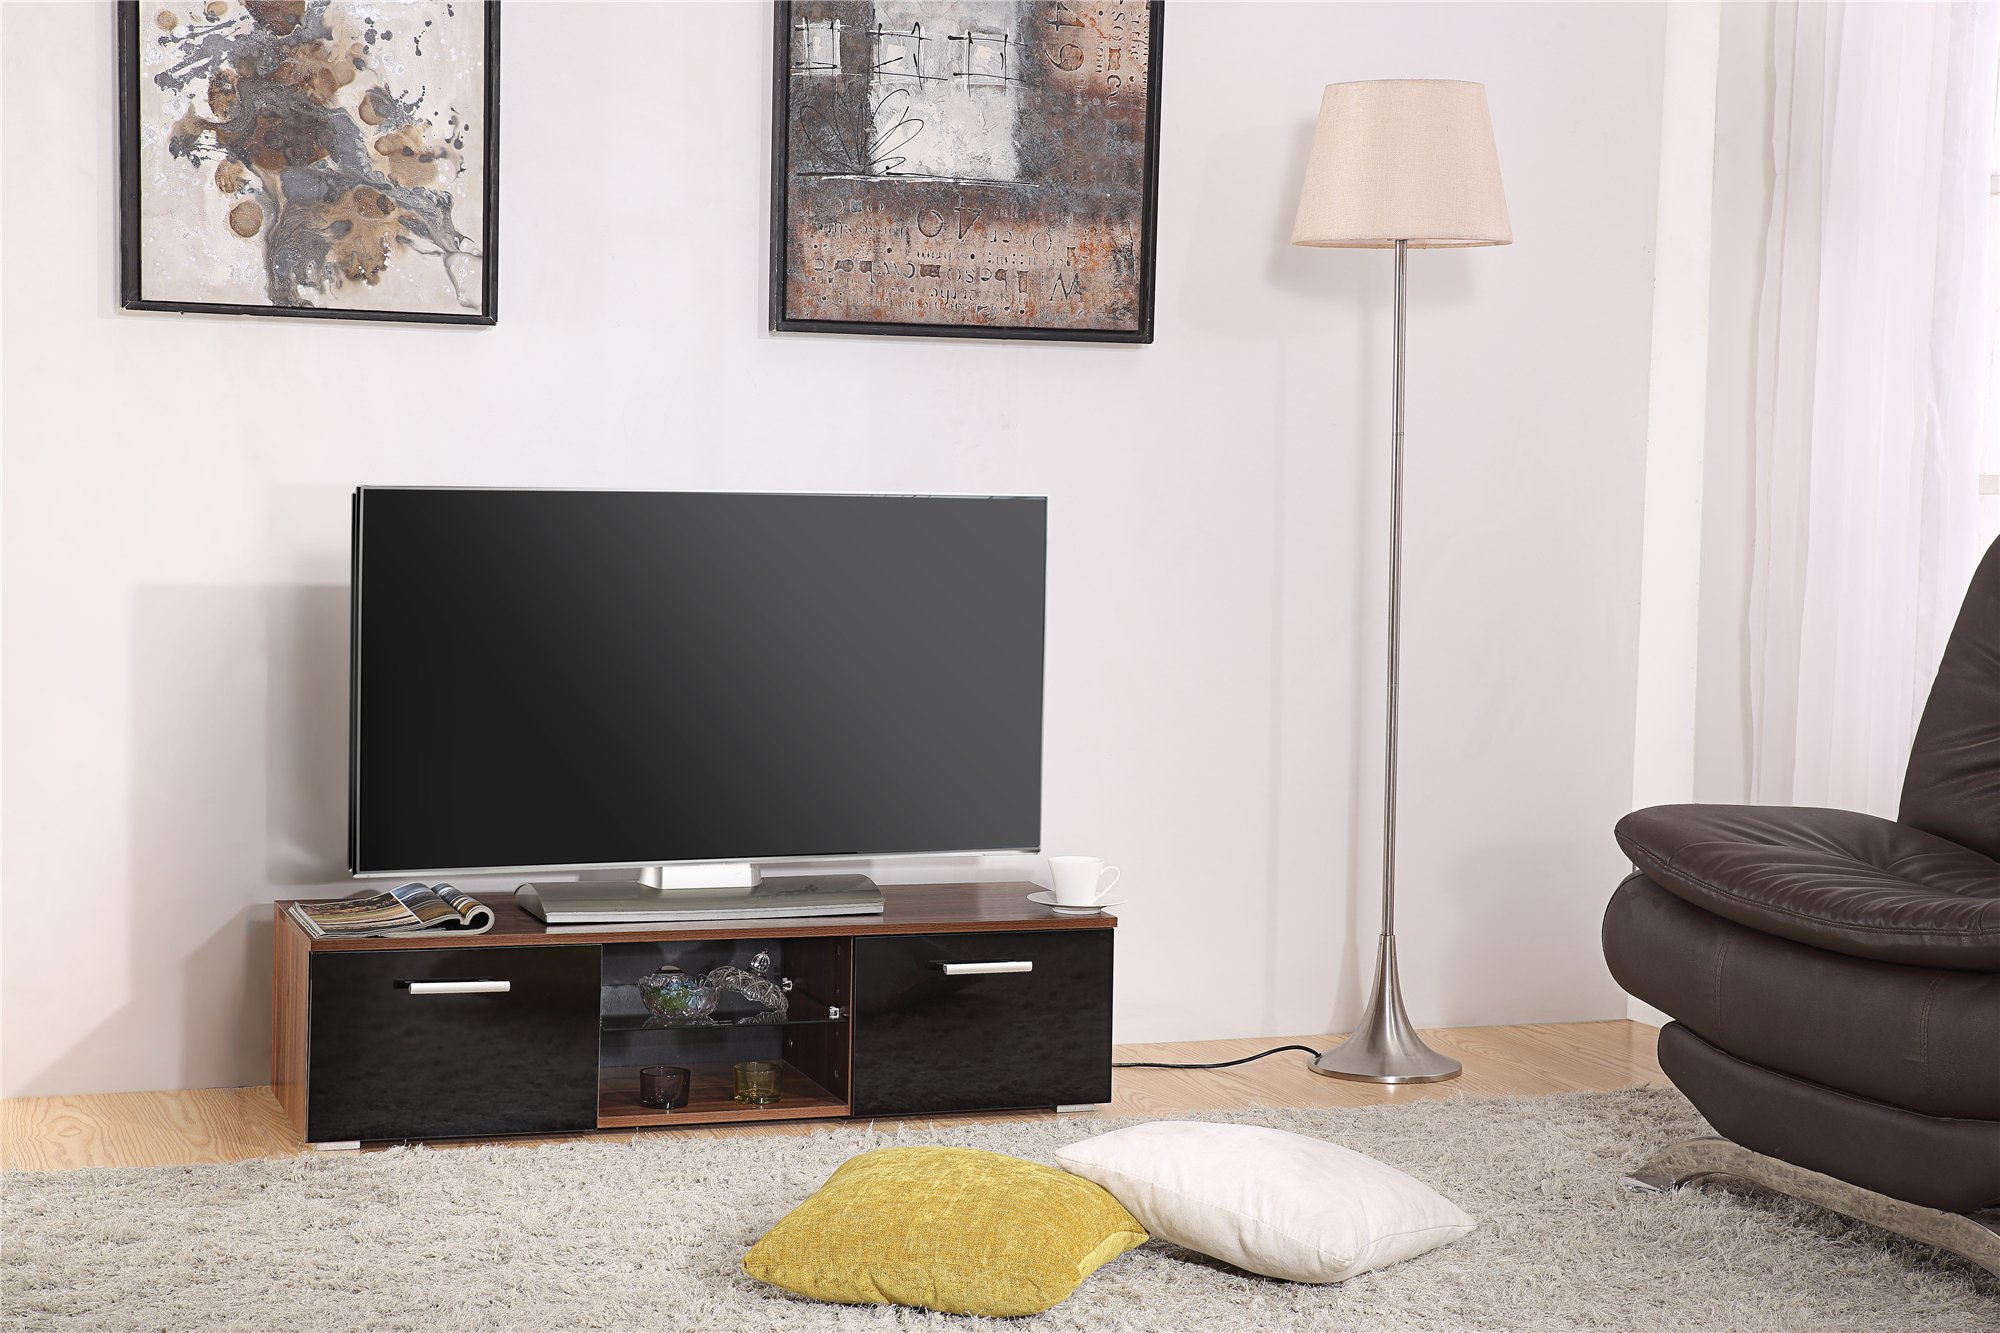 Harmin marca nuevo moderno 120 cm soporte para televisor mueble ...